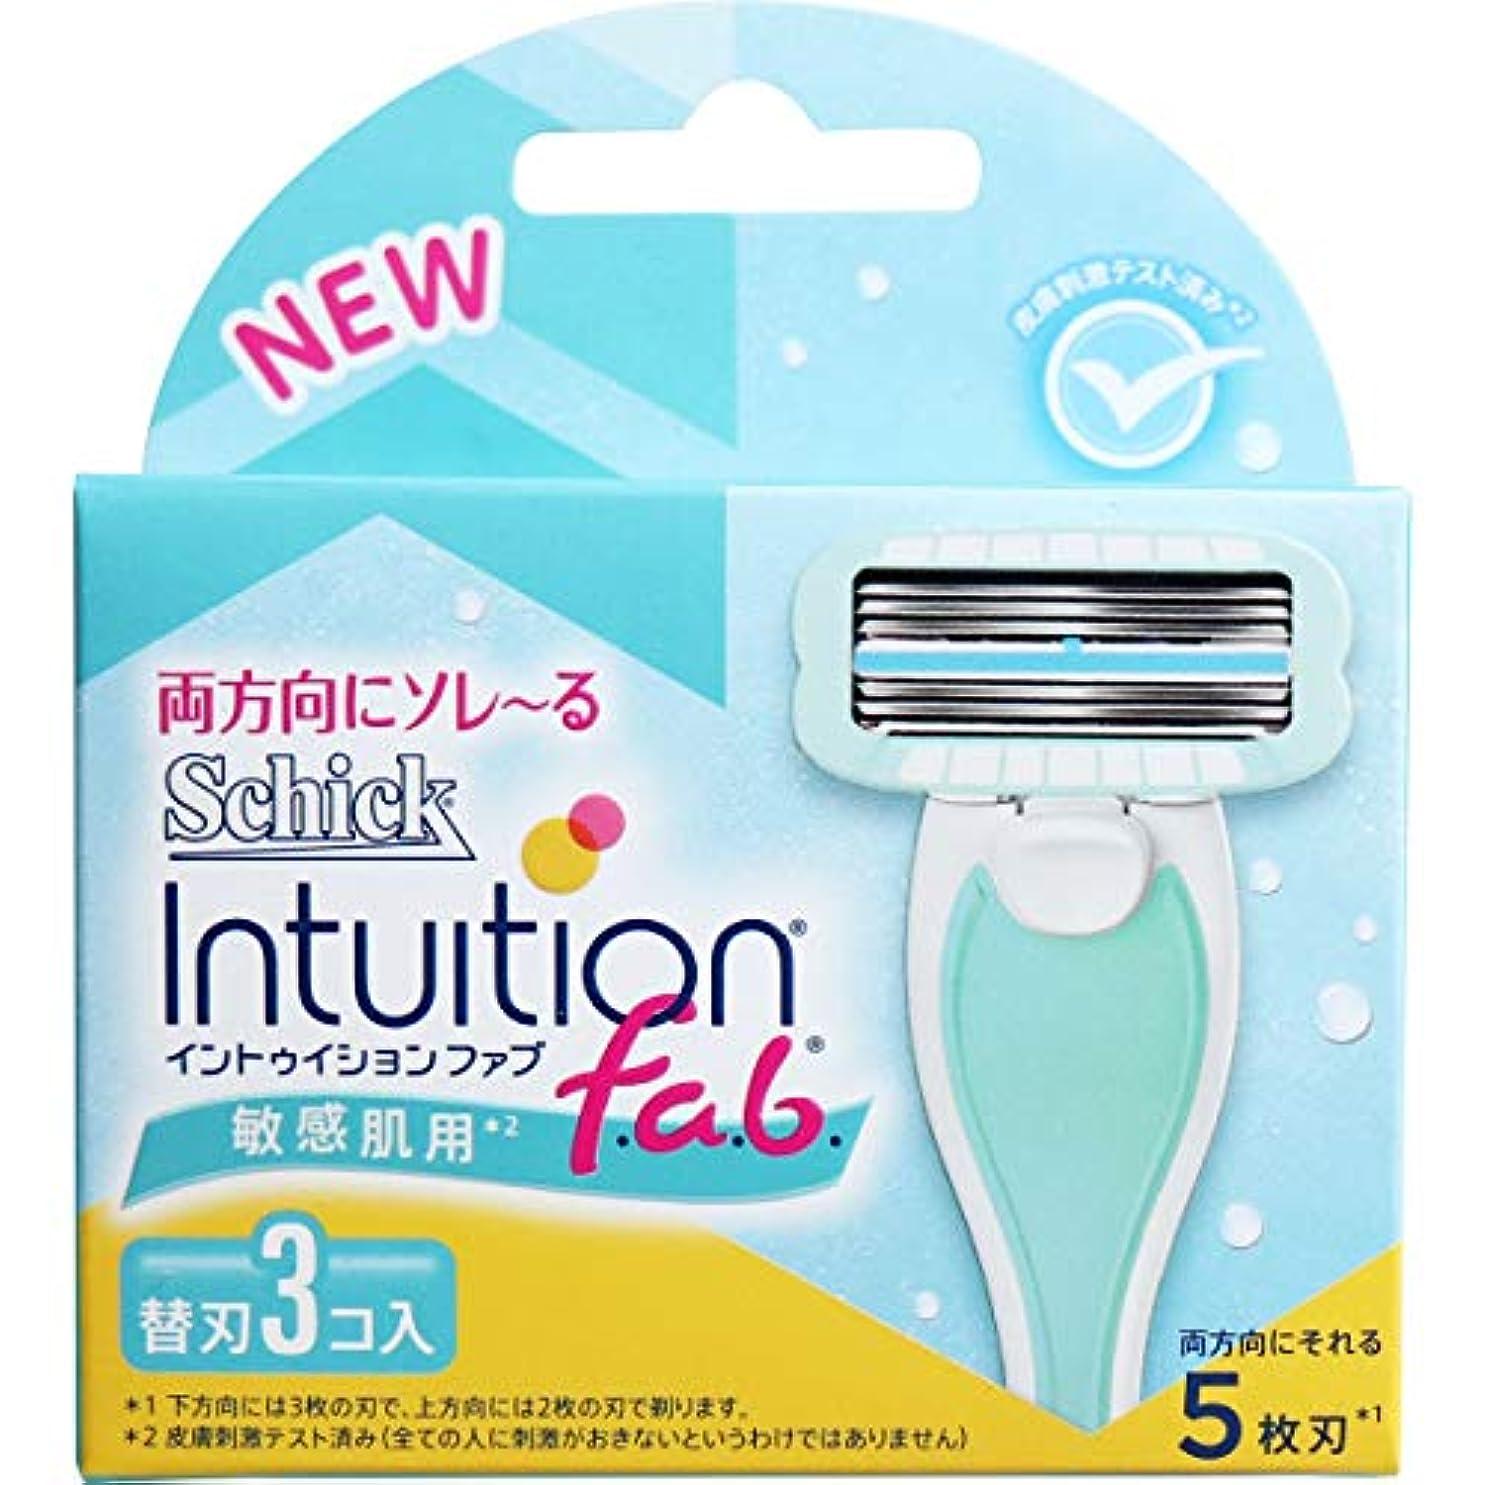 トリップ太陽変更シック イントゥイション ファブ 敏感肌用 替刃3個入(単品)